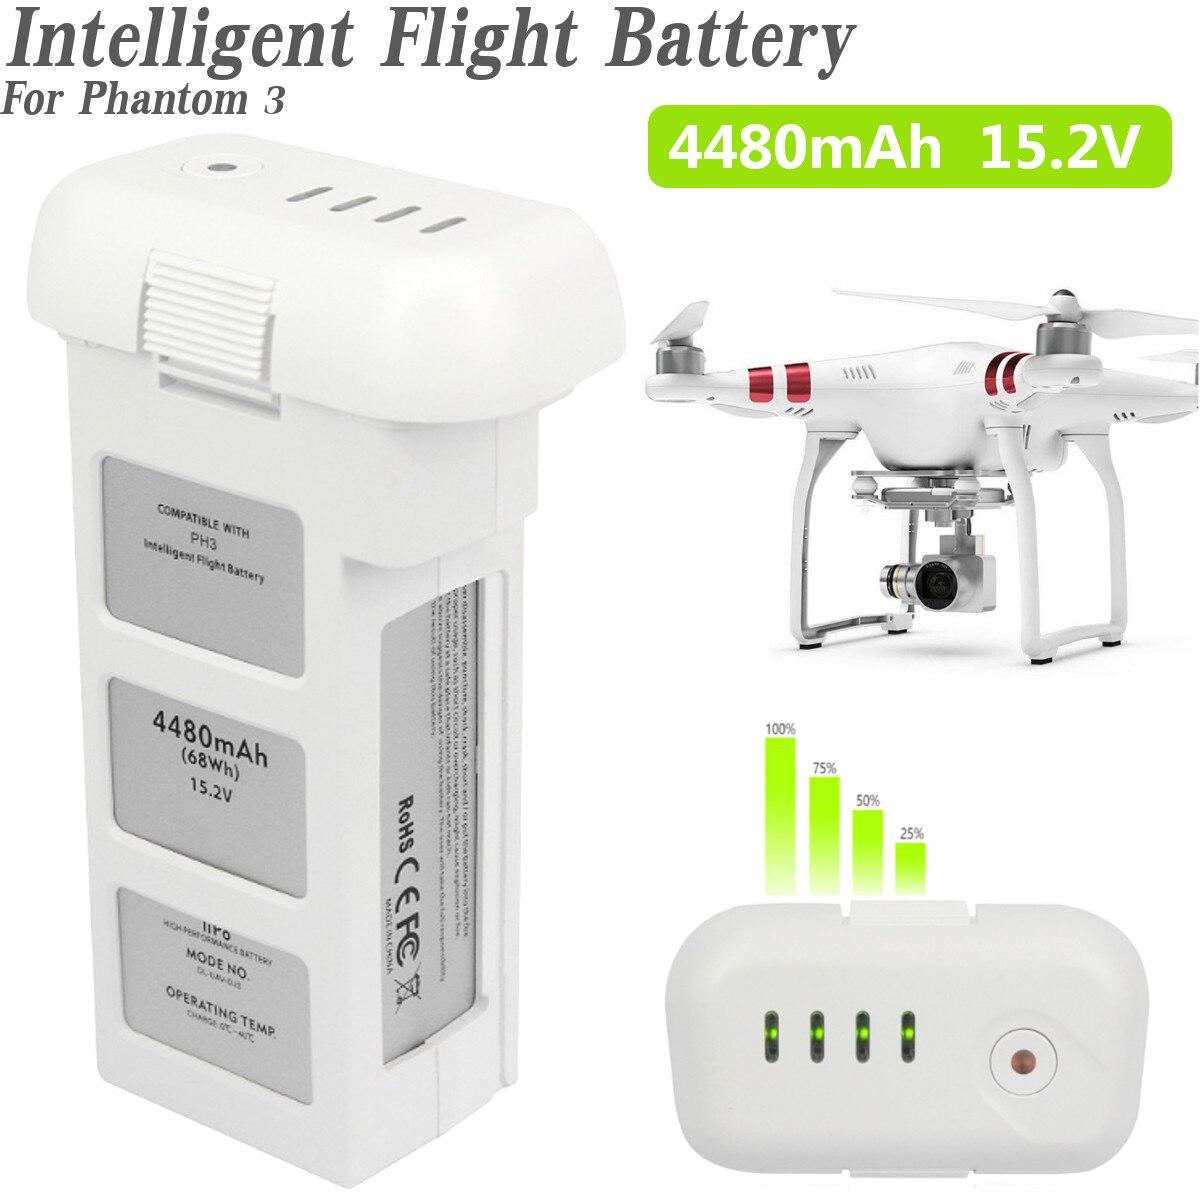 Genuine 4480 mAh DJI Fantasma 2 3 Vôo Inteligente Bateria de 15.2 V, zangão Bateria LiPo 4S 856678 P Consumer Electronic 2019 Novo